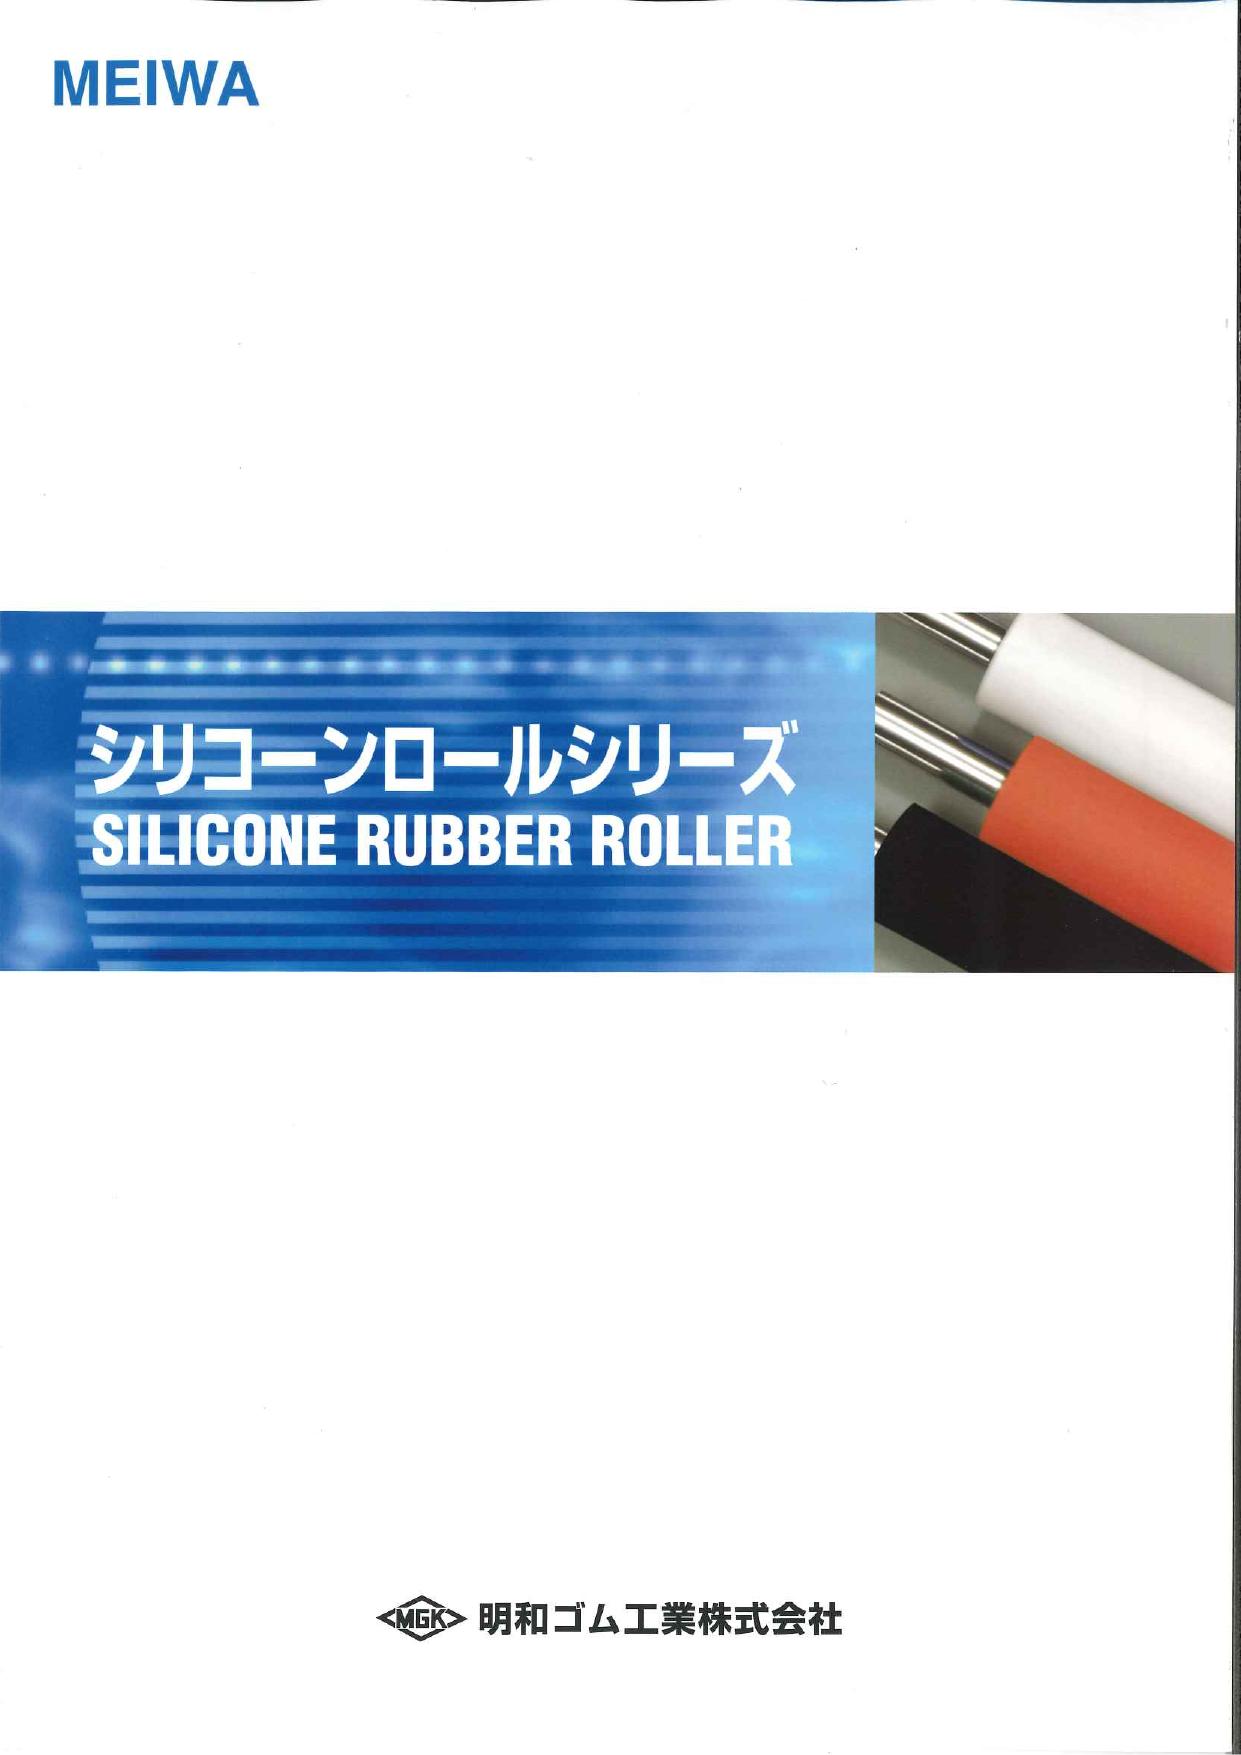 シリコーンロールシリーズ 総合カタログ